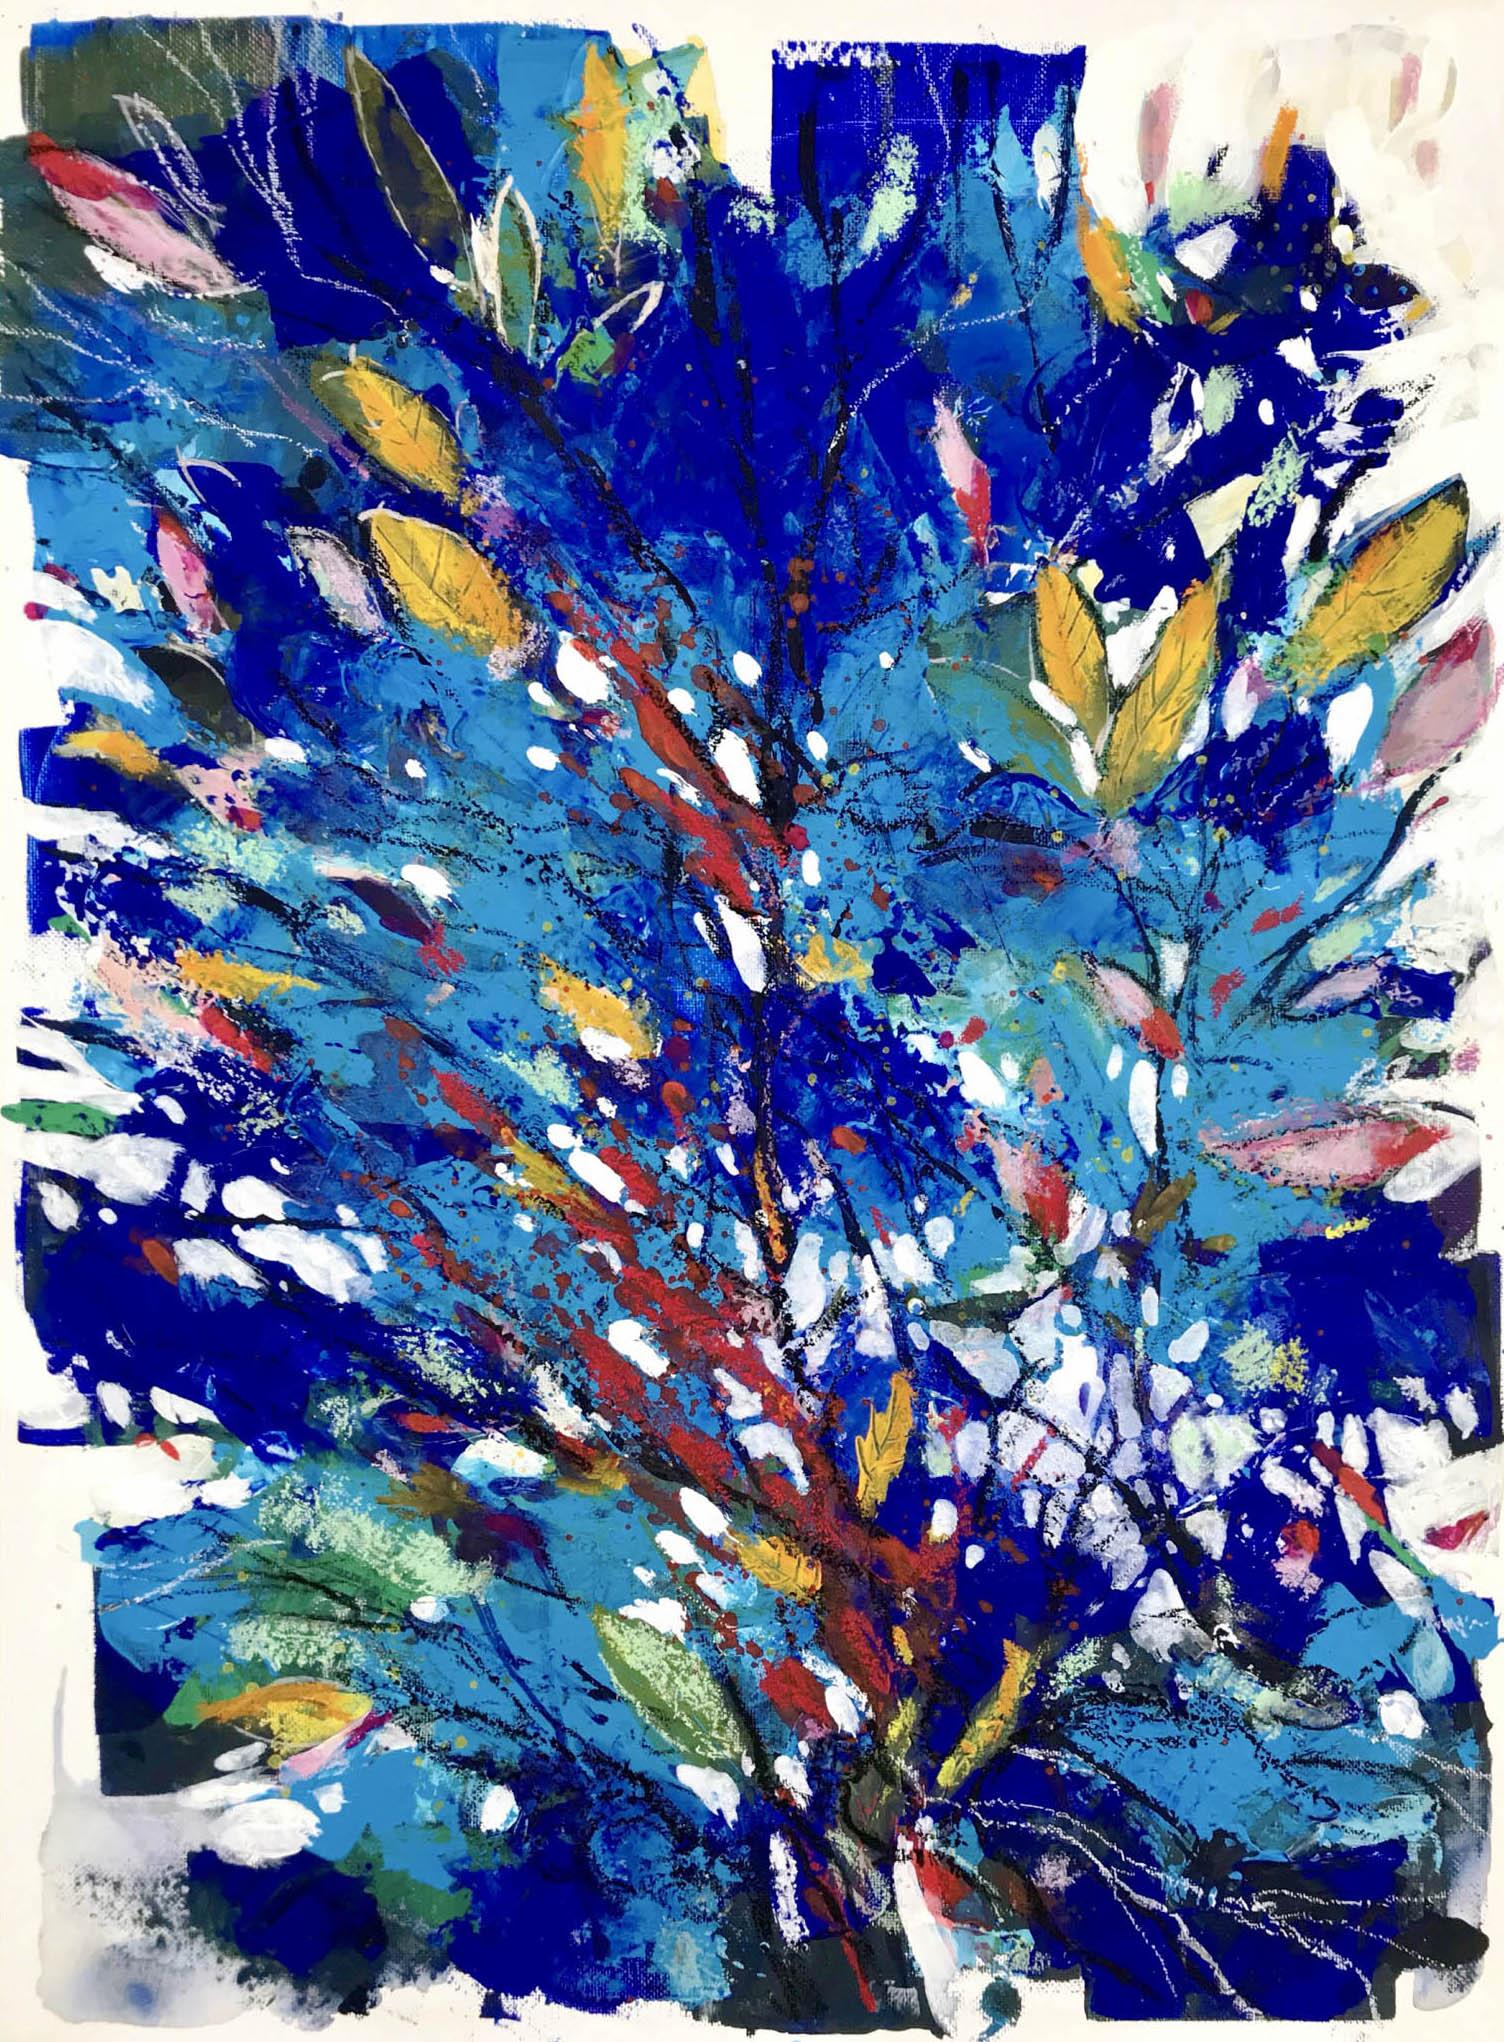 Cespugli nel blu